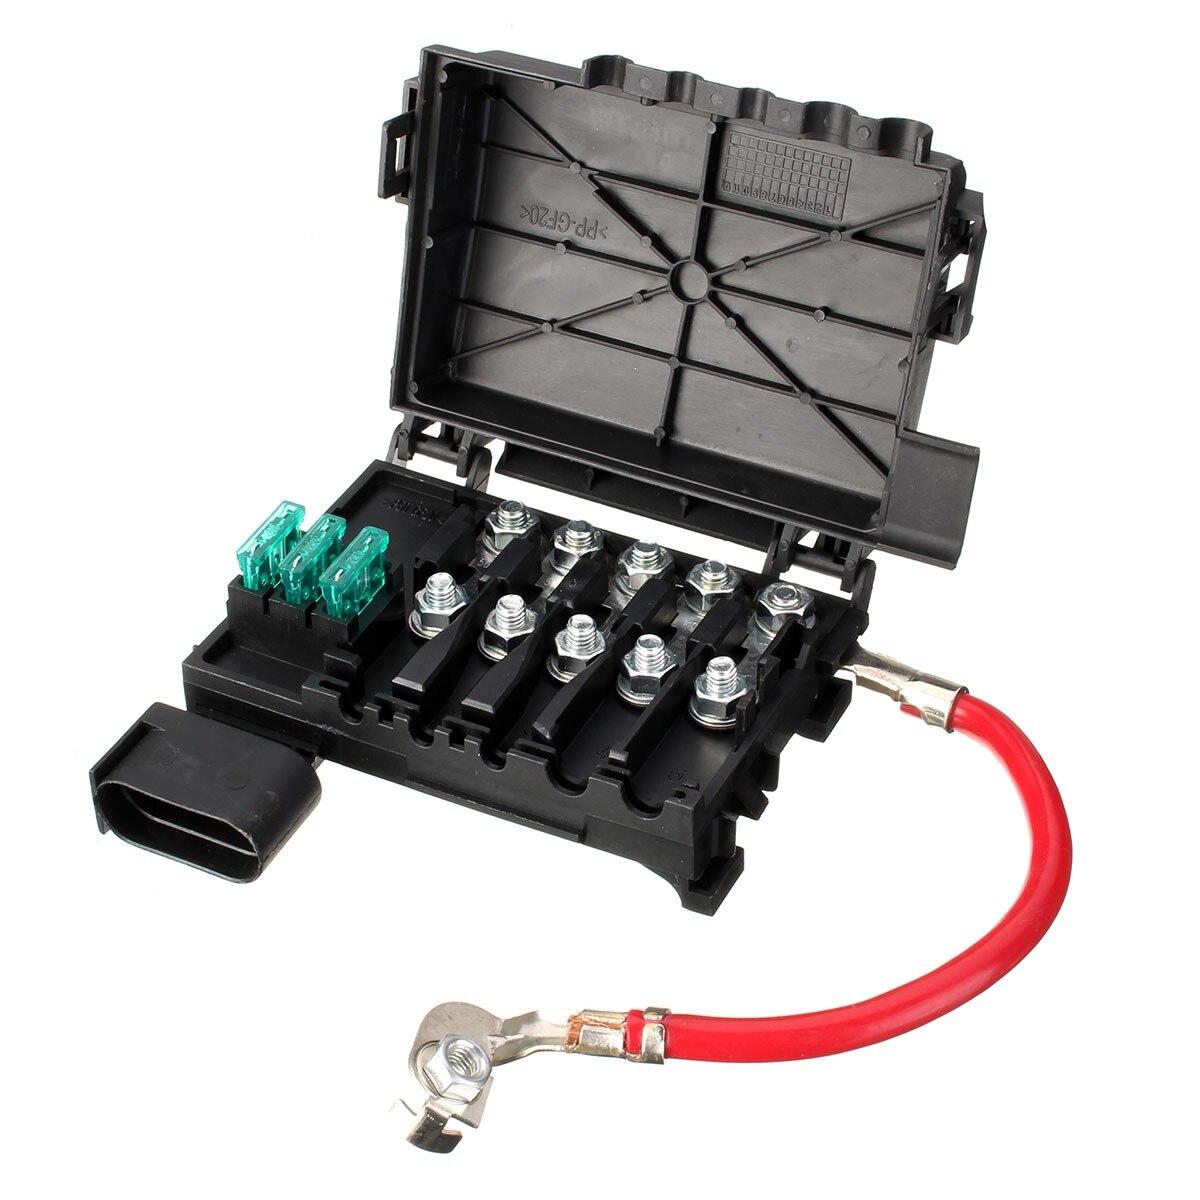 Nouvelle Boîte À Fusibles pour VW Beetle/Golf/Jetta 1J0937617D 1J0937550 1J0937550AA 1J0937550AB AC AD